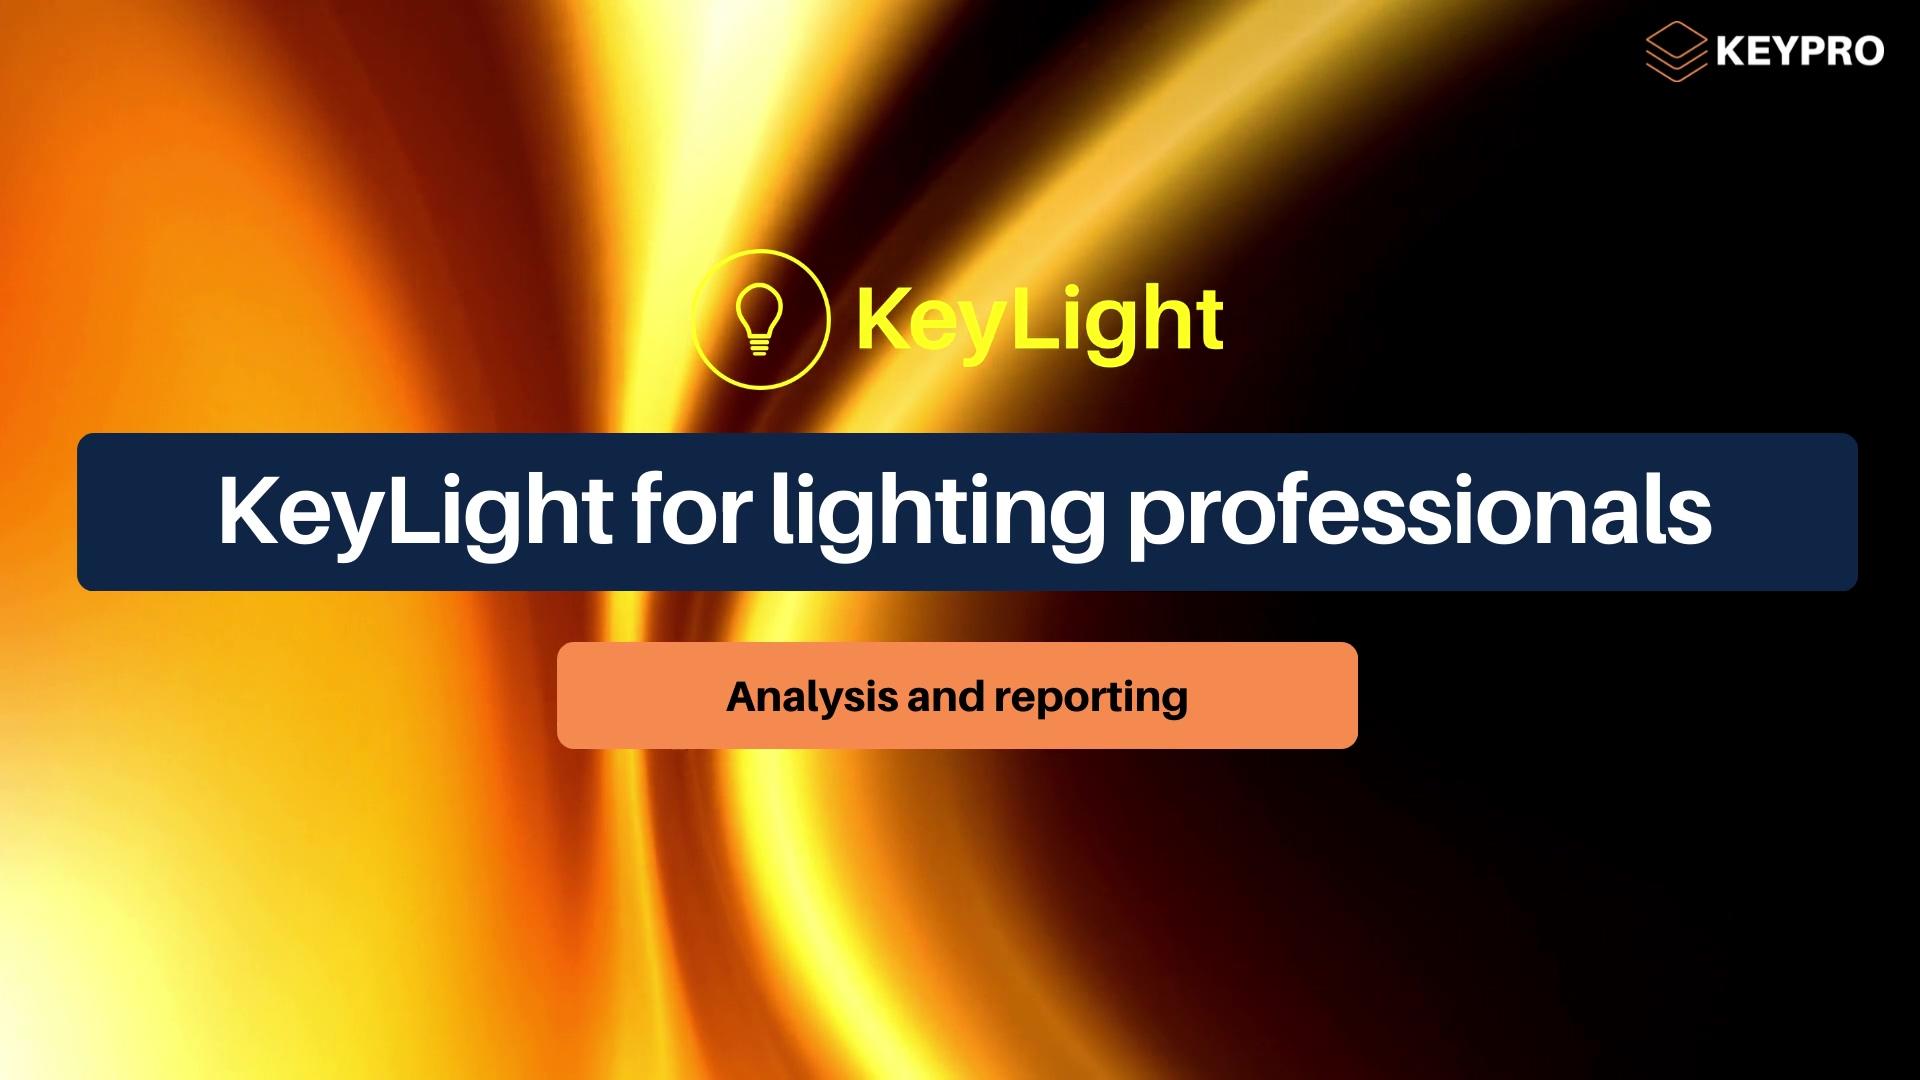 KeyLight EN marketing video 2021